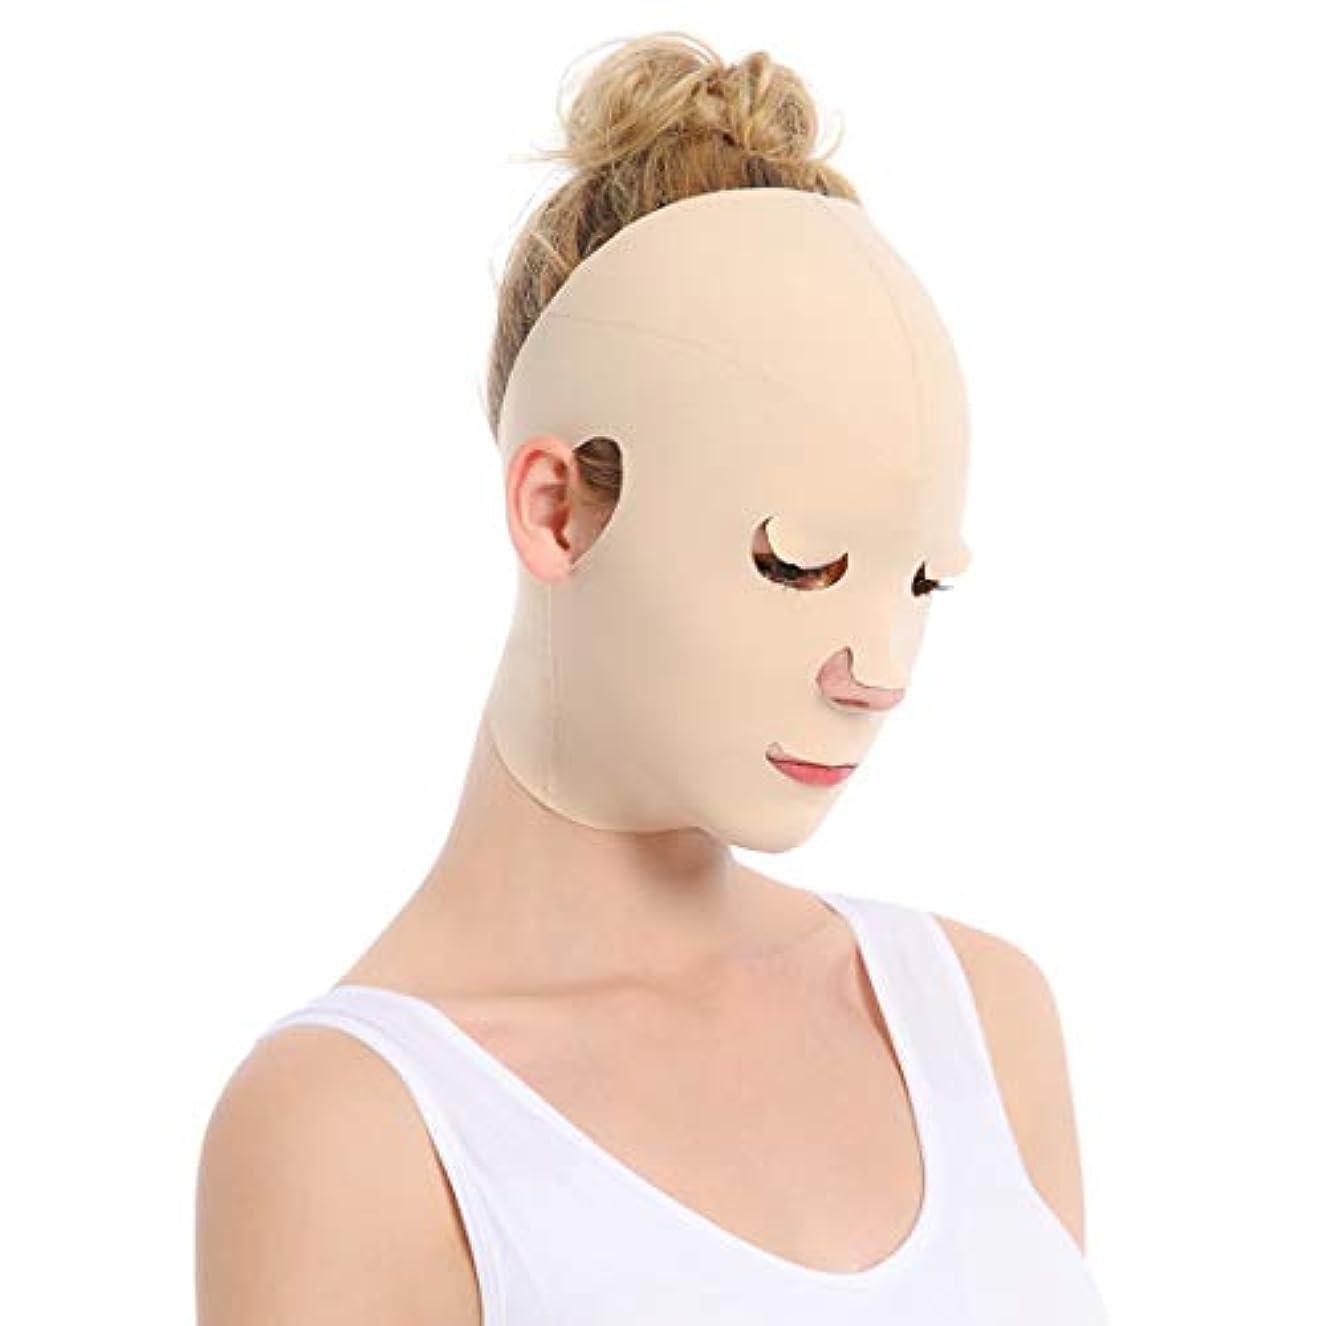 地域の配列有効なZWBD フェイスマスク, 薄い顔包帯理学療法フェースリフトアーチファクト肌睡眠マスクVフェース包帯リフティング引き締めホワイトニング傷修理能力